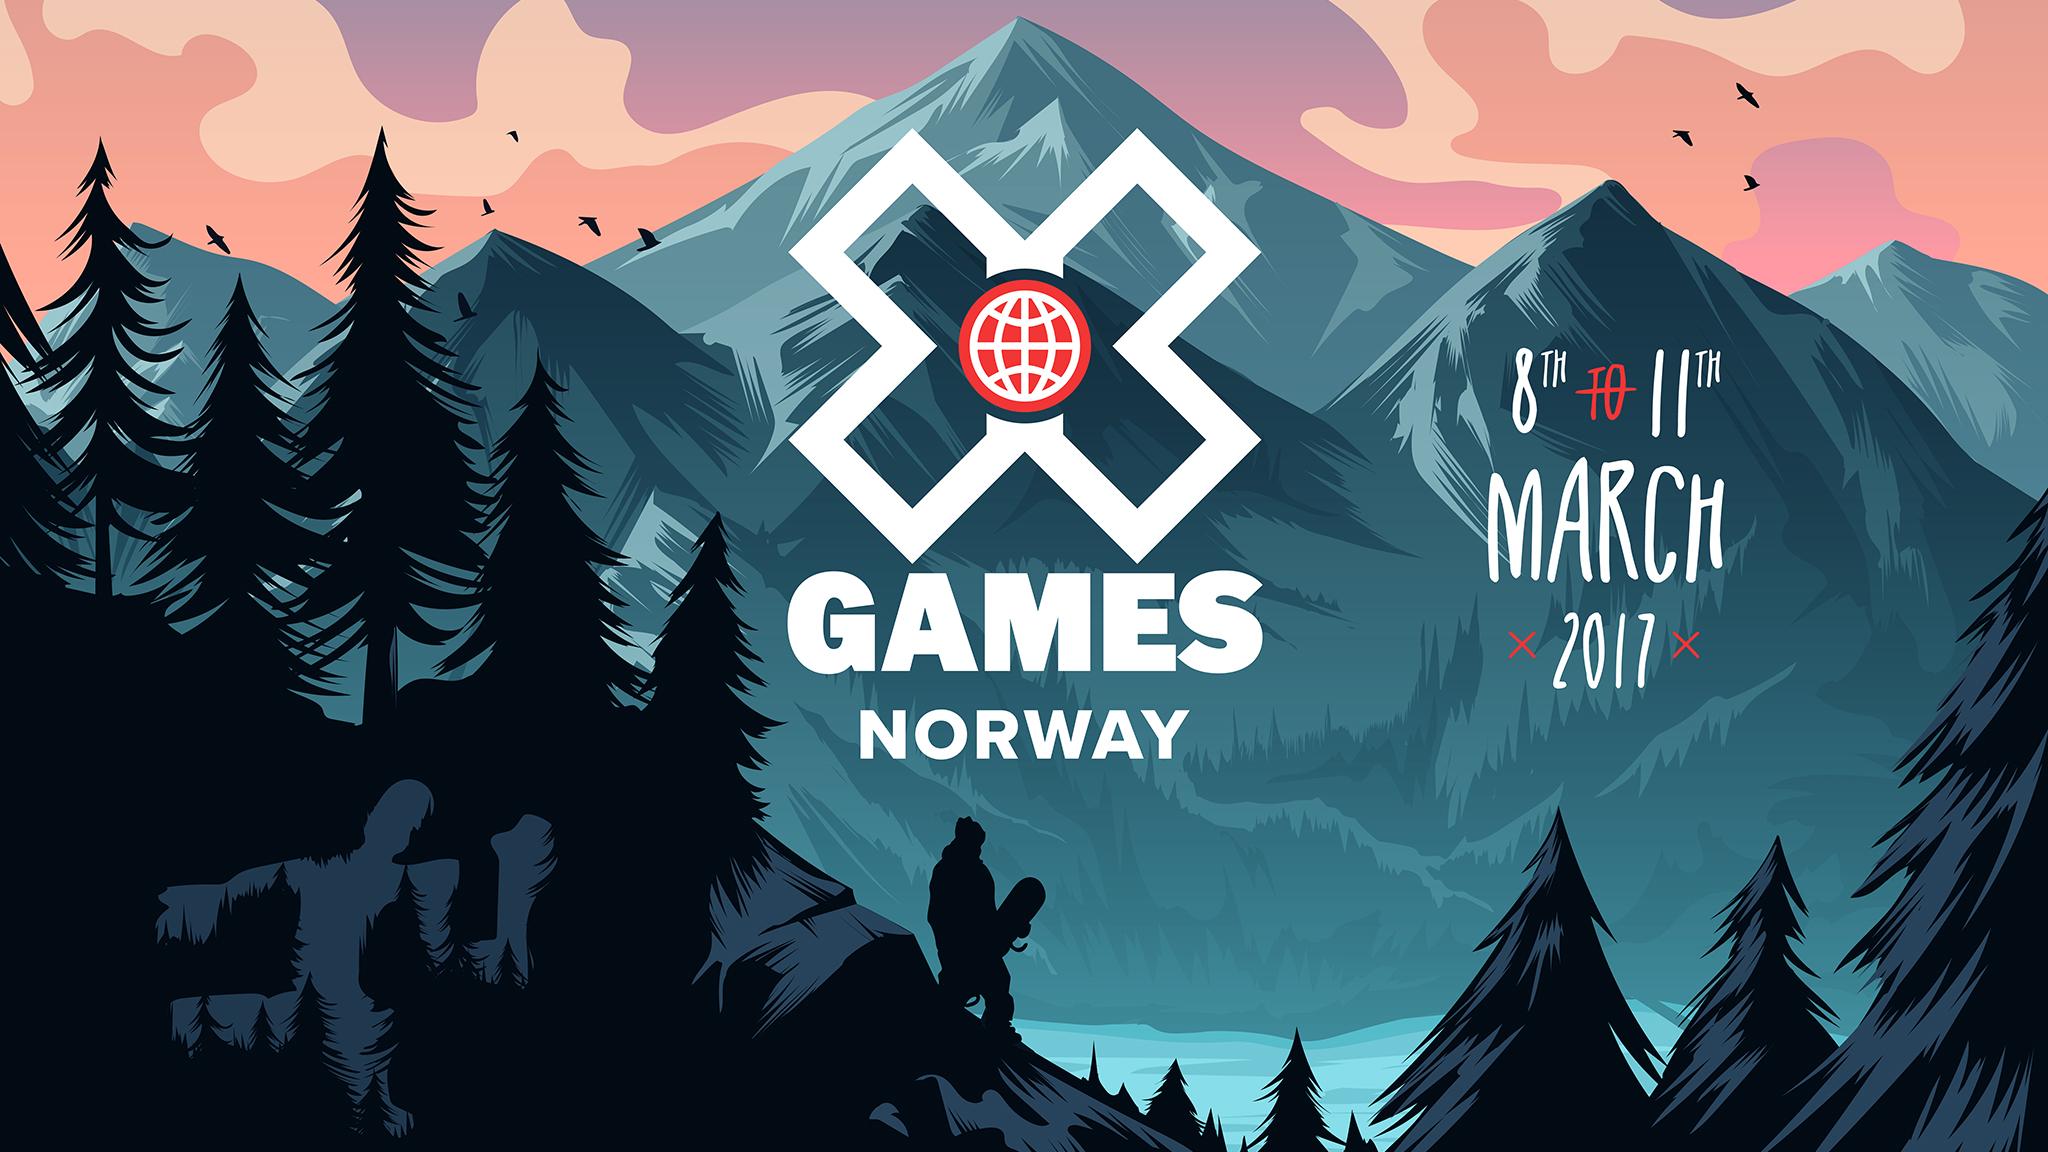 Norway Gaming